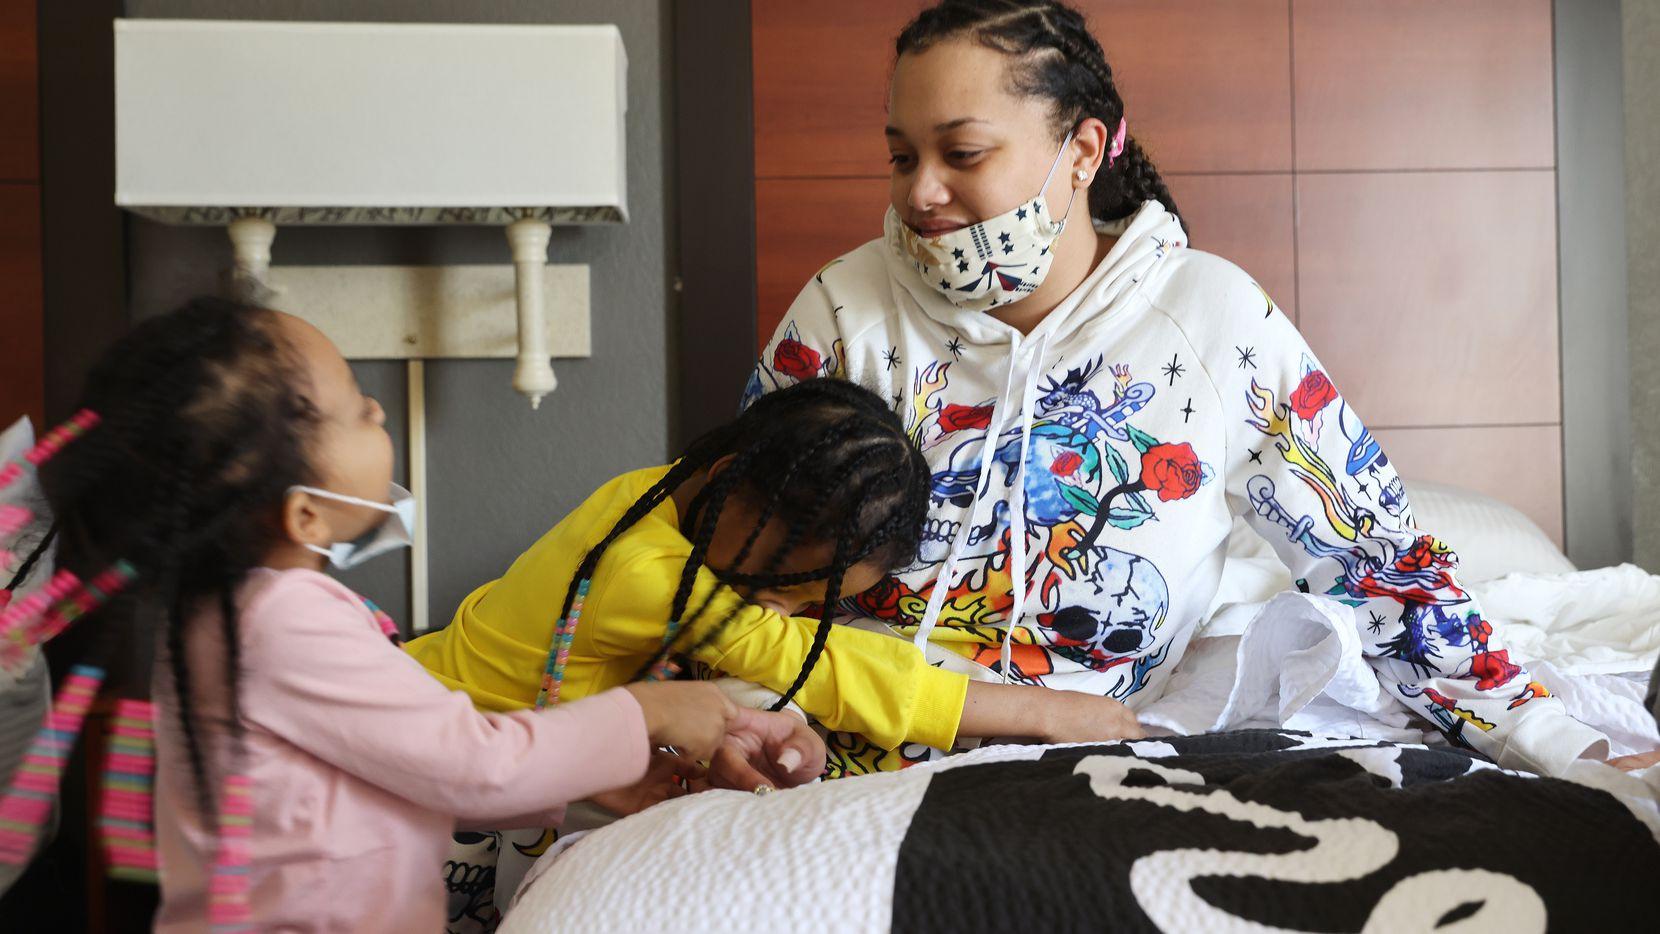 Jonnay Mckinley junto a dos de sus tres sus hijas: Trinity (izq.) y Courtney Young (segunda desde la izq.), al interior de un cuarto de hotel. La familia fue desalojada de su residencia pese a que rige una suspensión de desalojos debido a la pandemia.